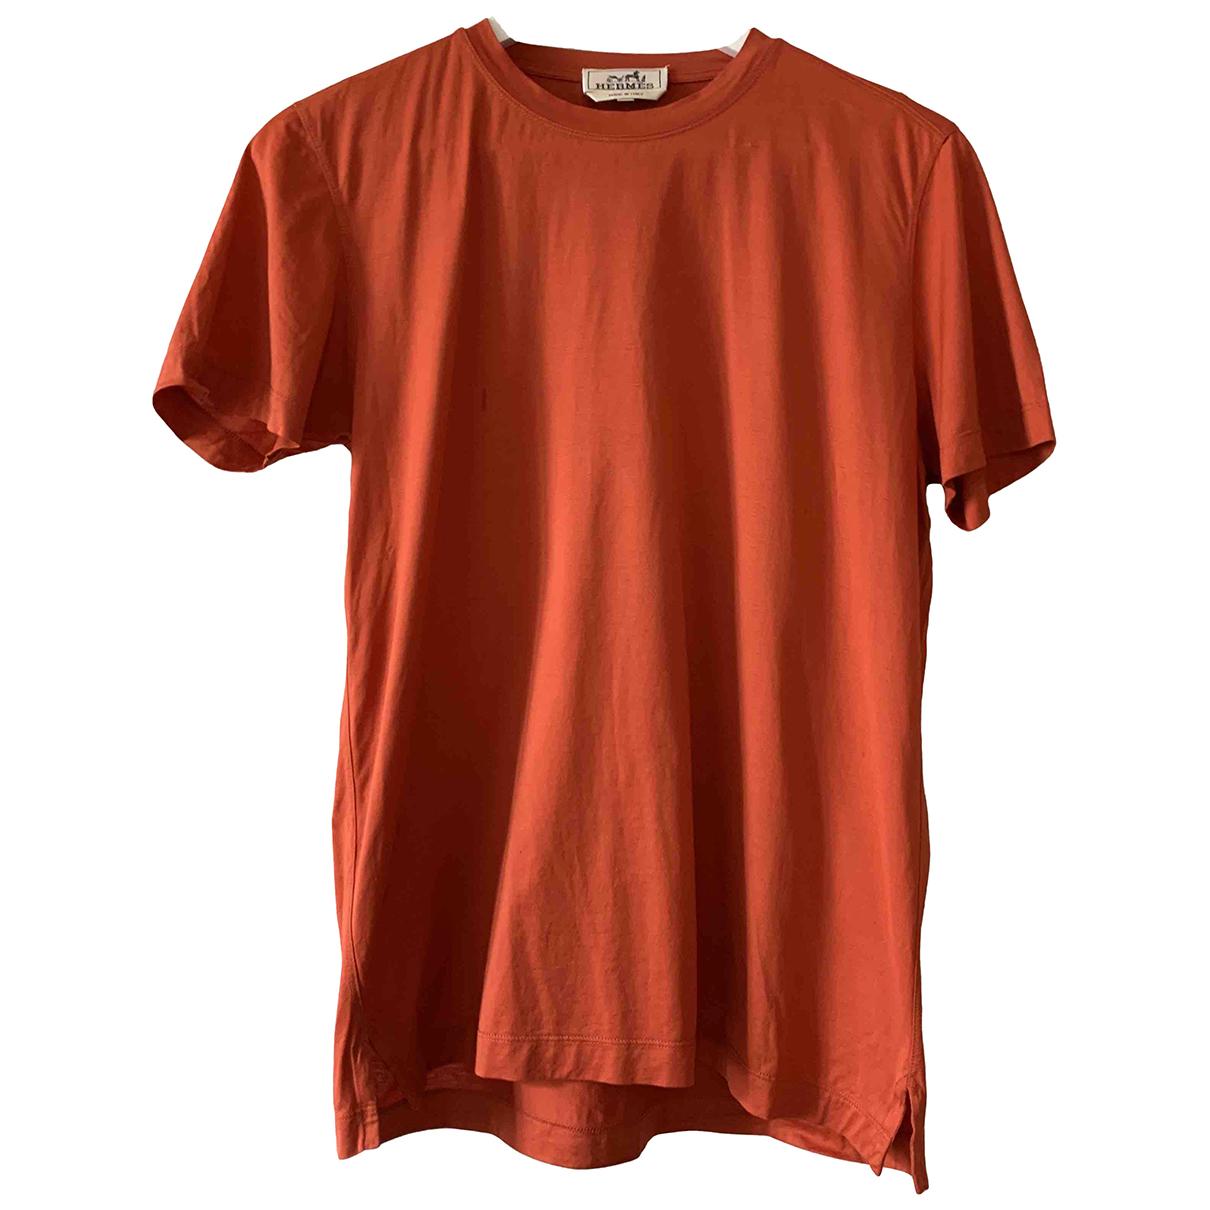 Hermes - Tee shirts   pour homme en coton - orange